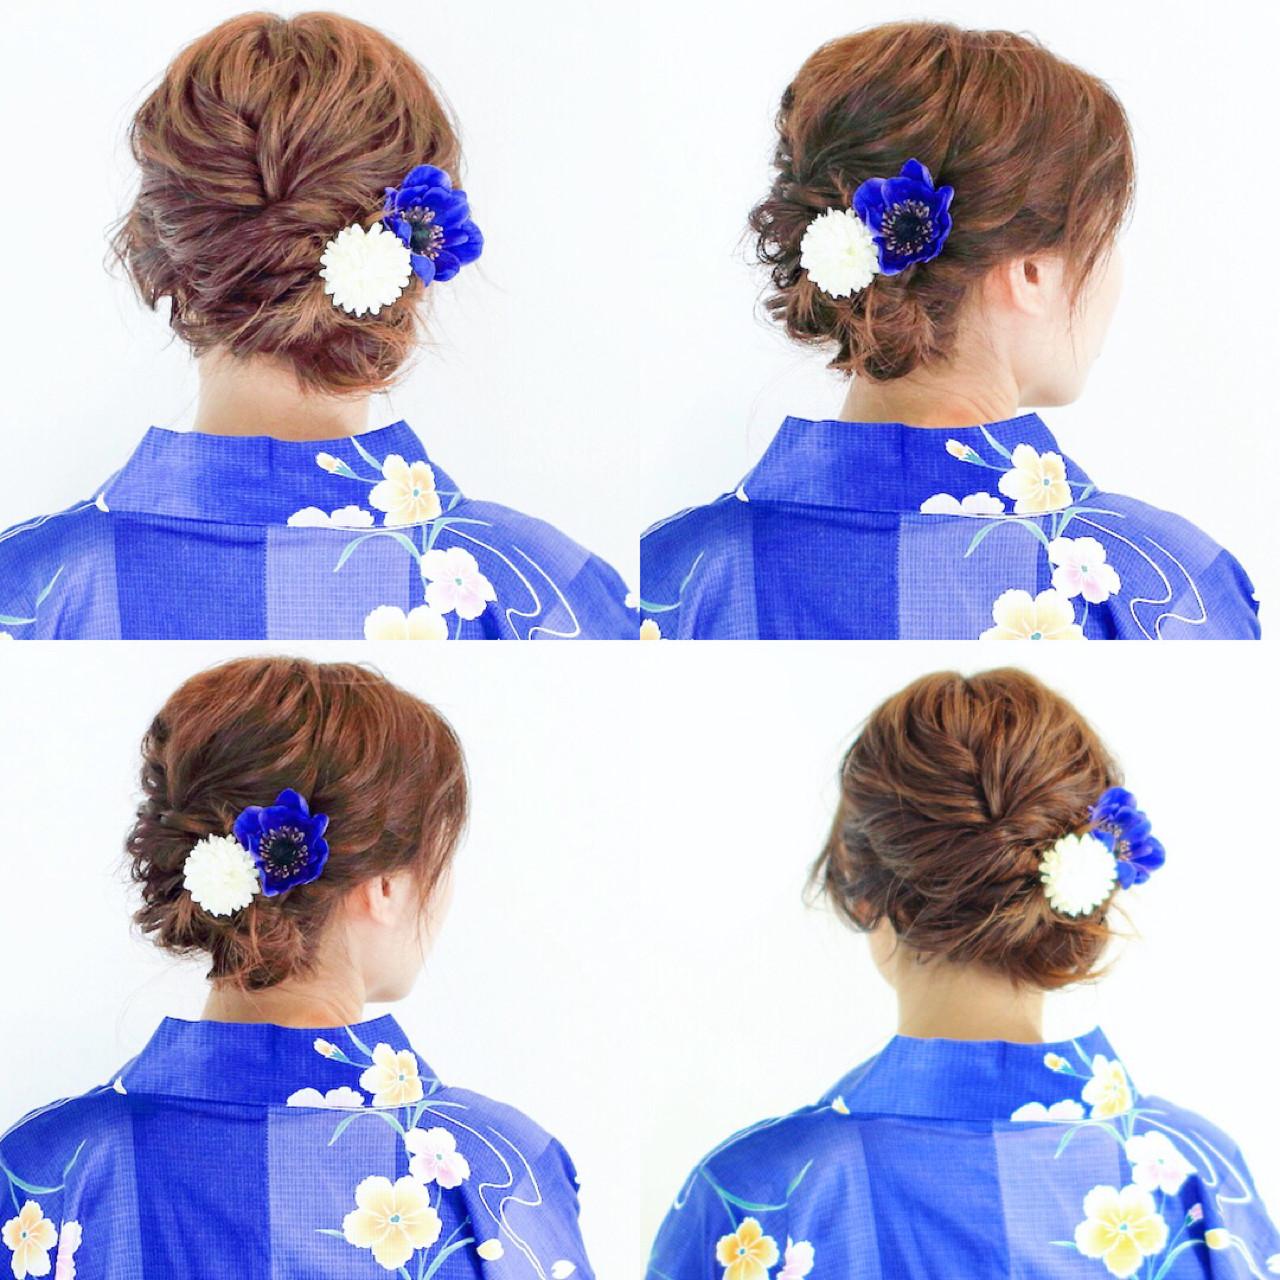 デート お祭り 夏 簡単ヘアアレンジ ヘアスタイルや髪型の写真・画像